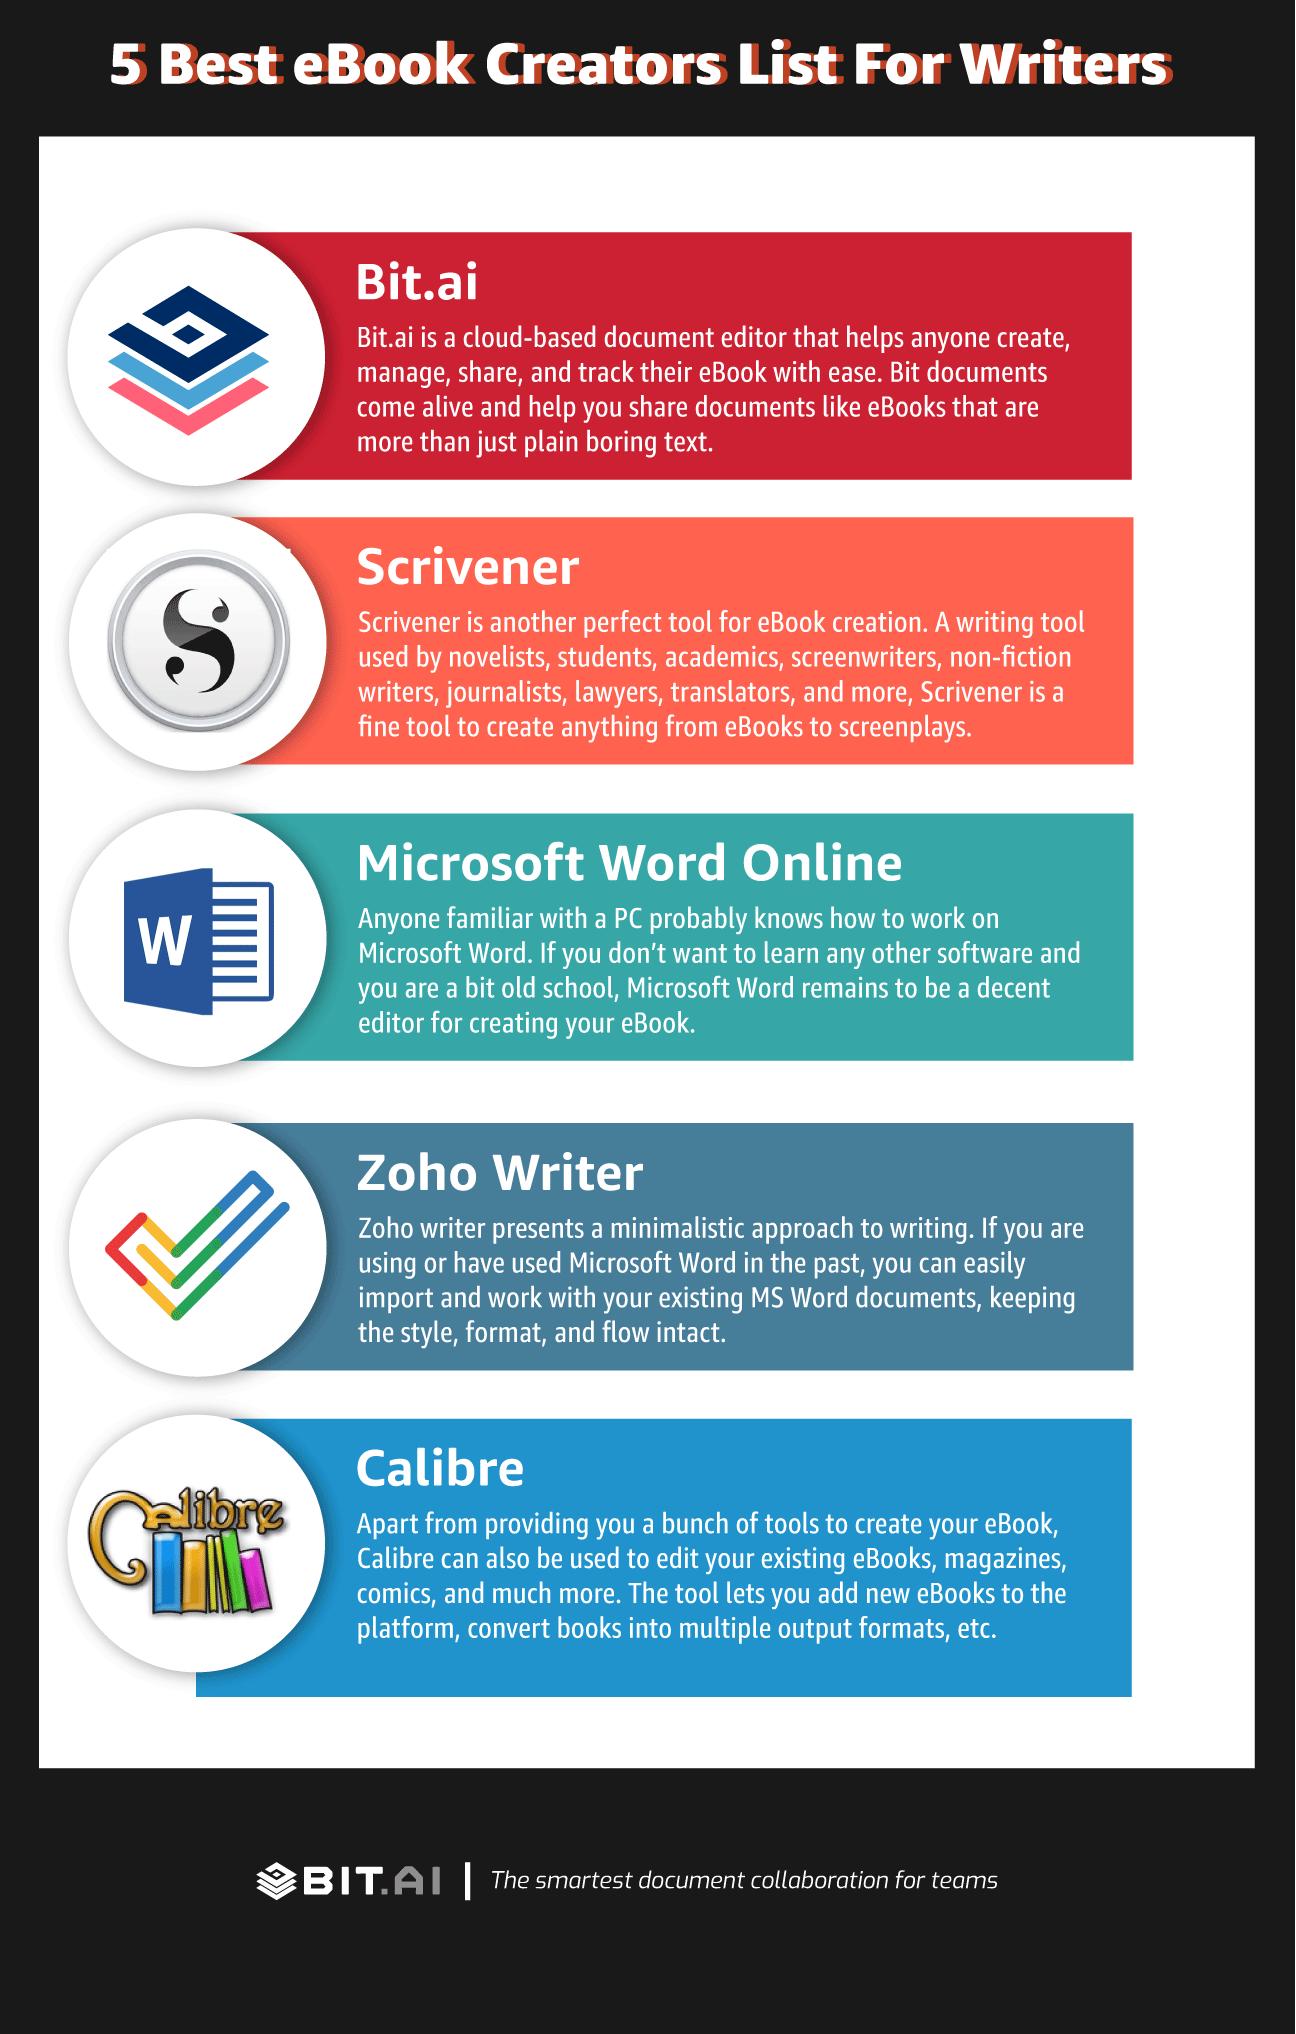 Eboook creators infographic